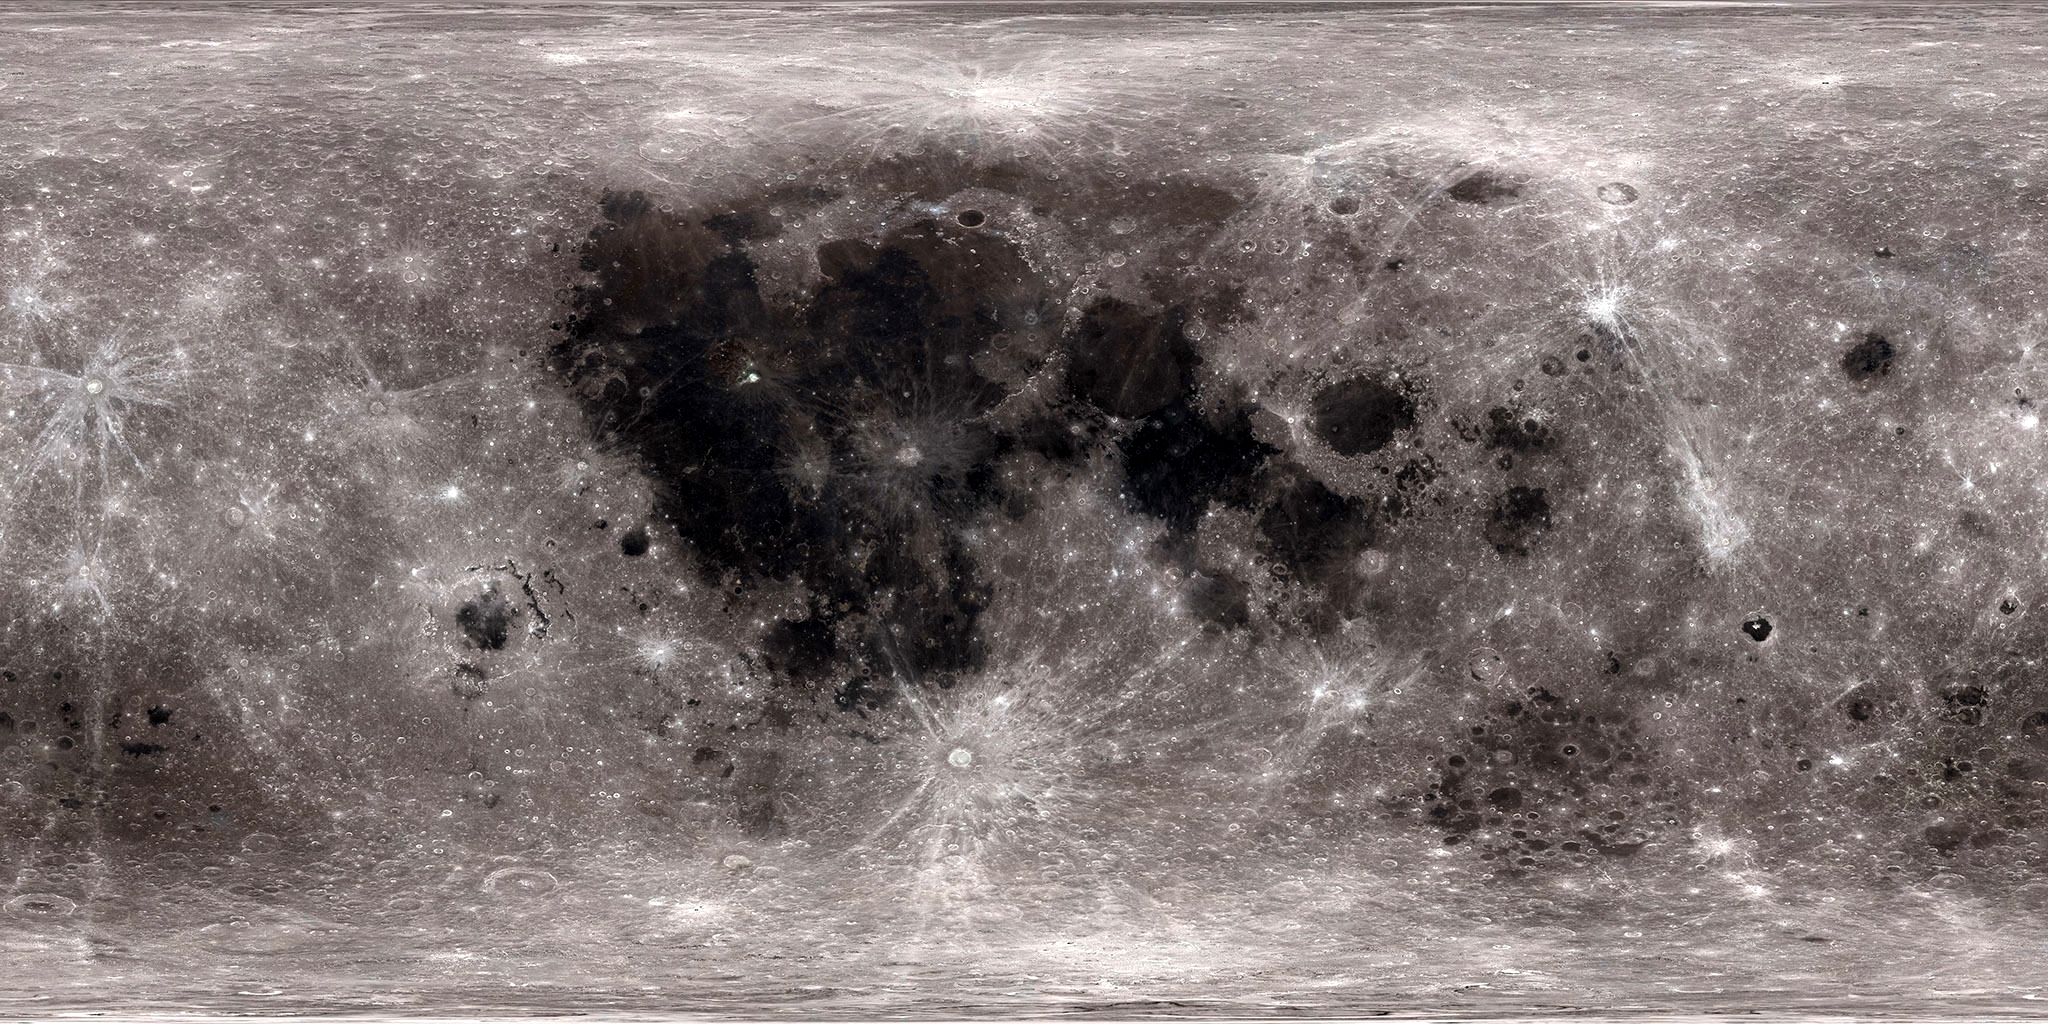 نقشهی کامل از سطح ماه